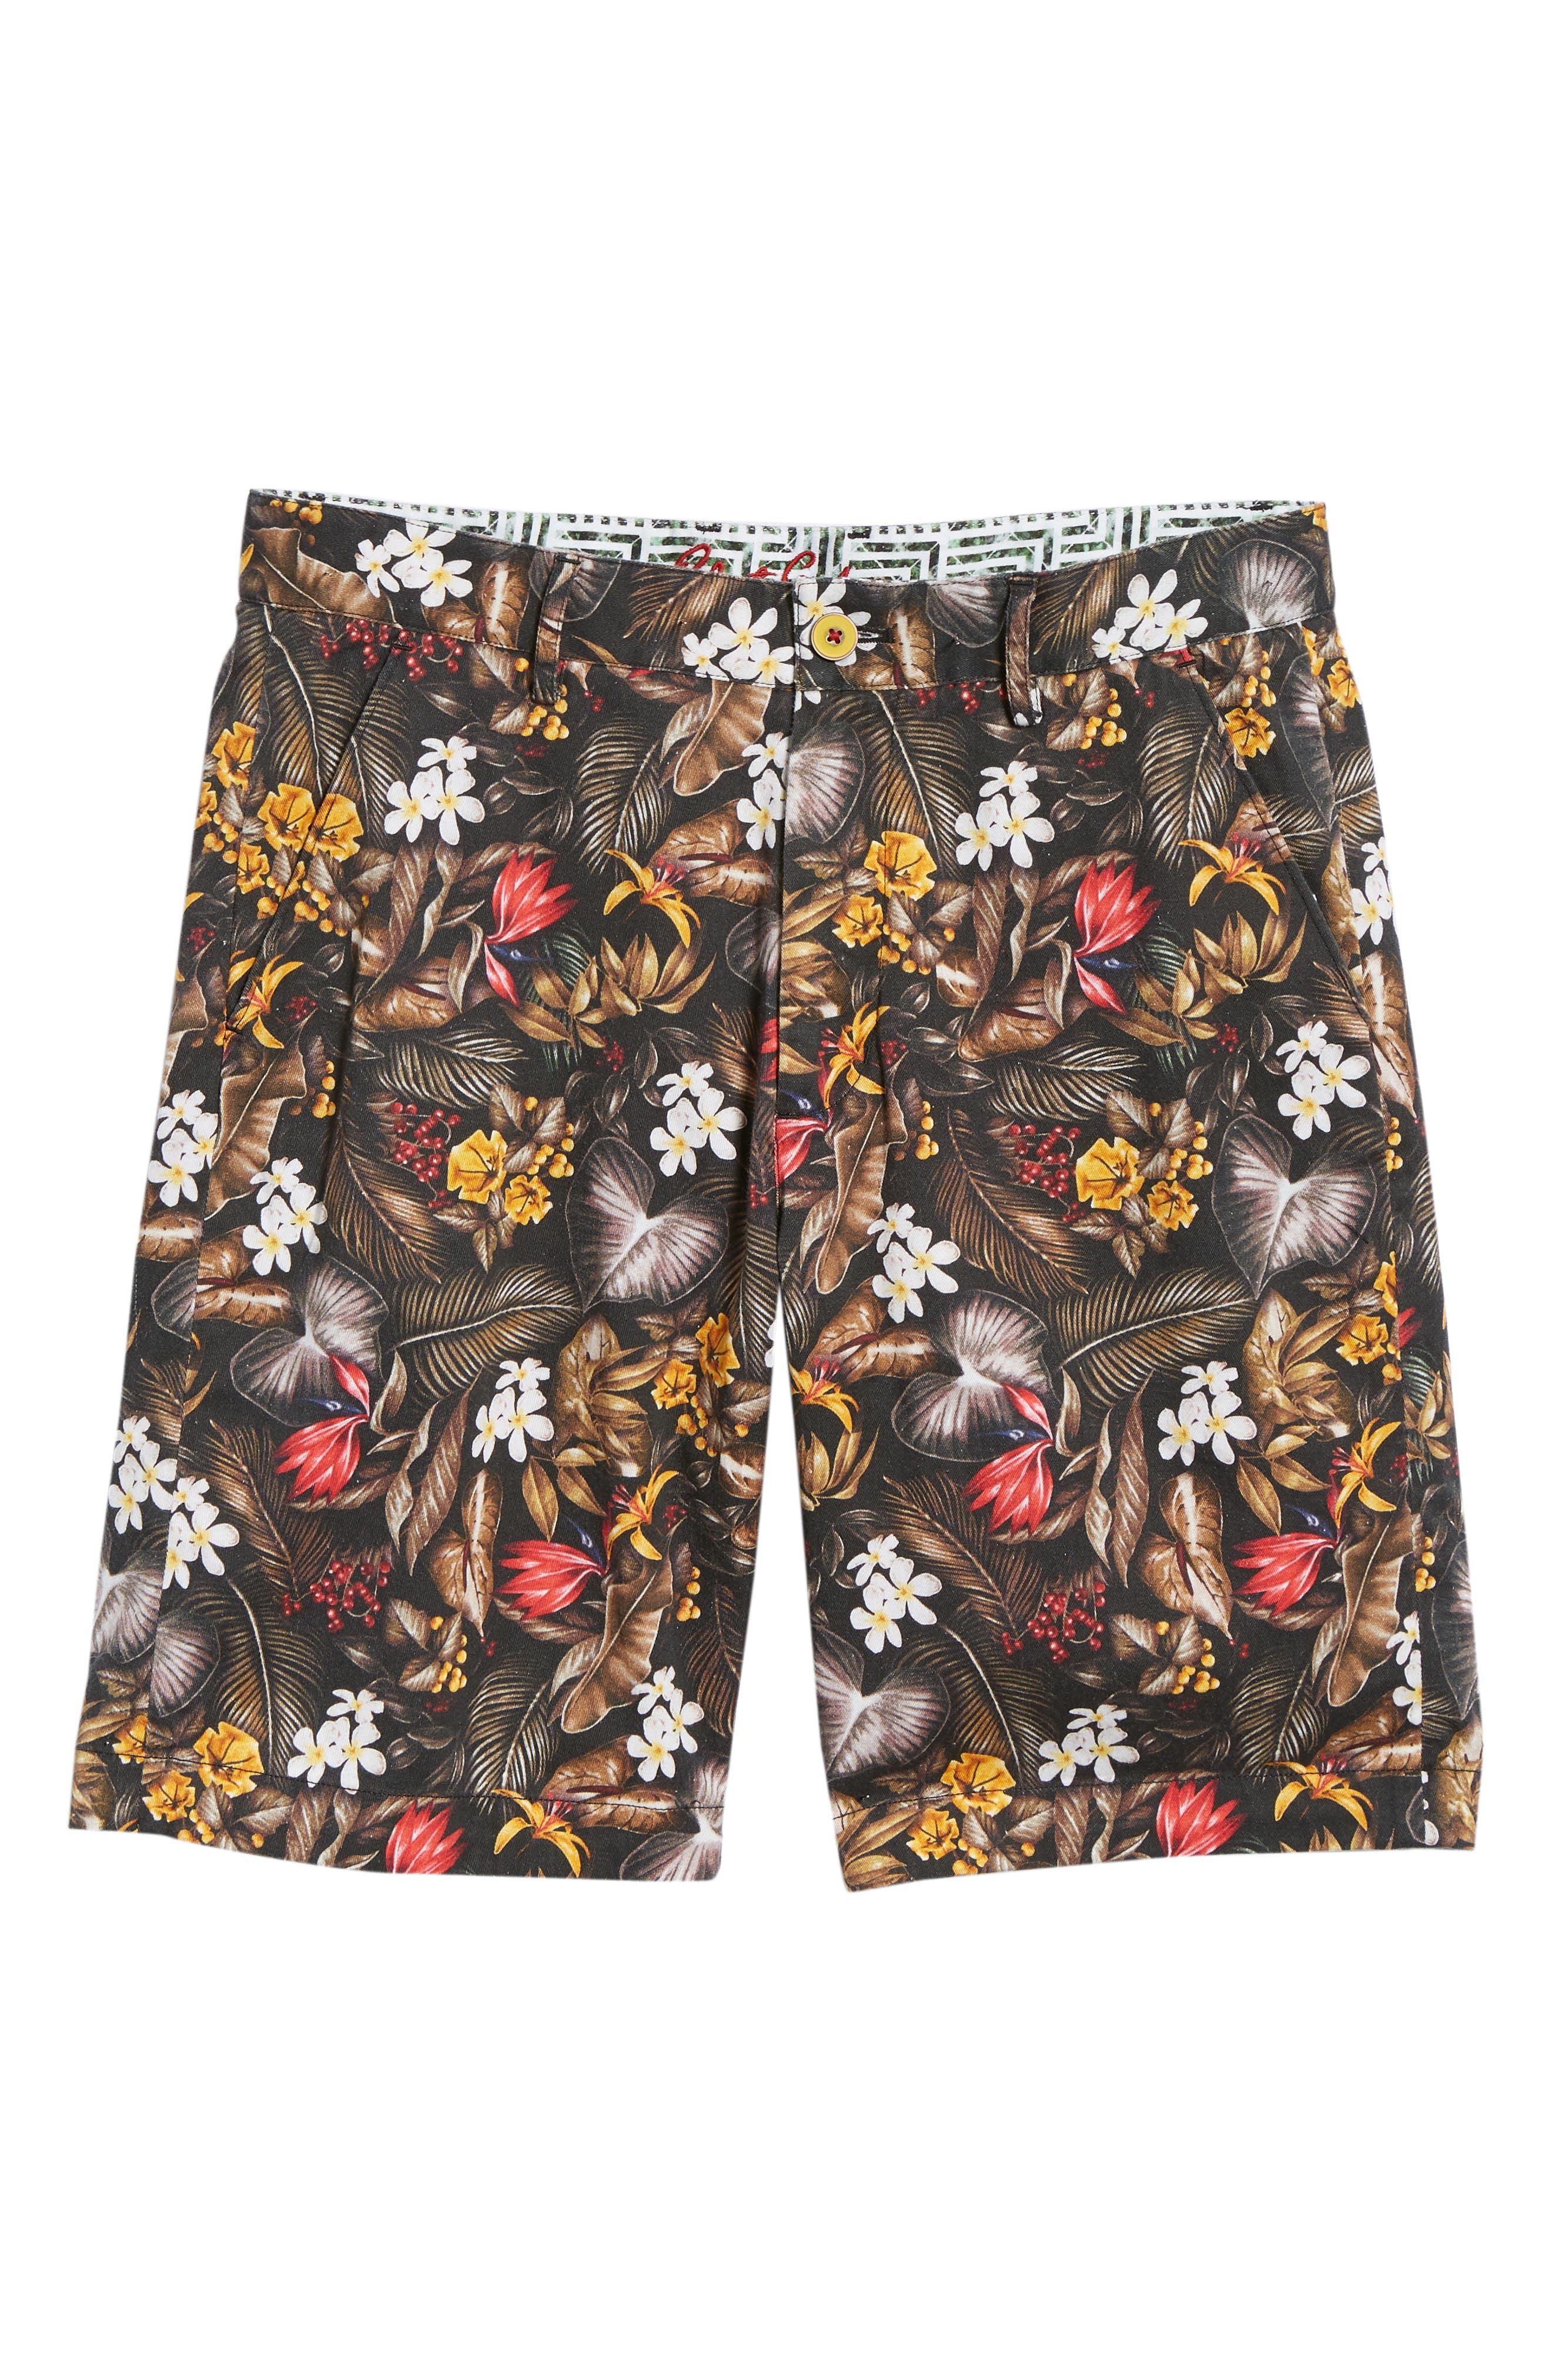 Maracas Woven Shorts,                             Alternate thumbnail 6, color,                             200